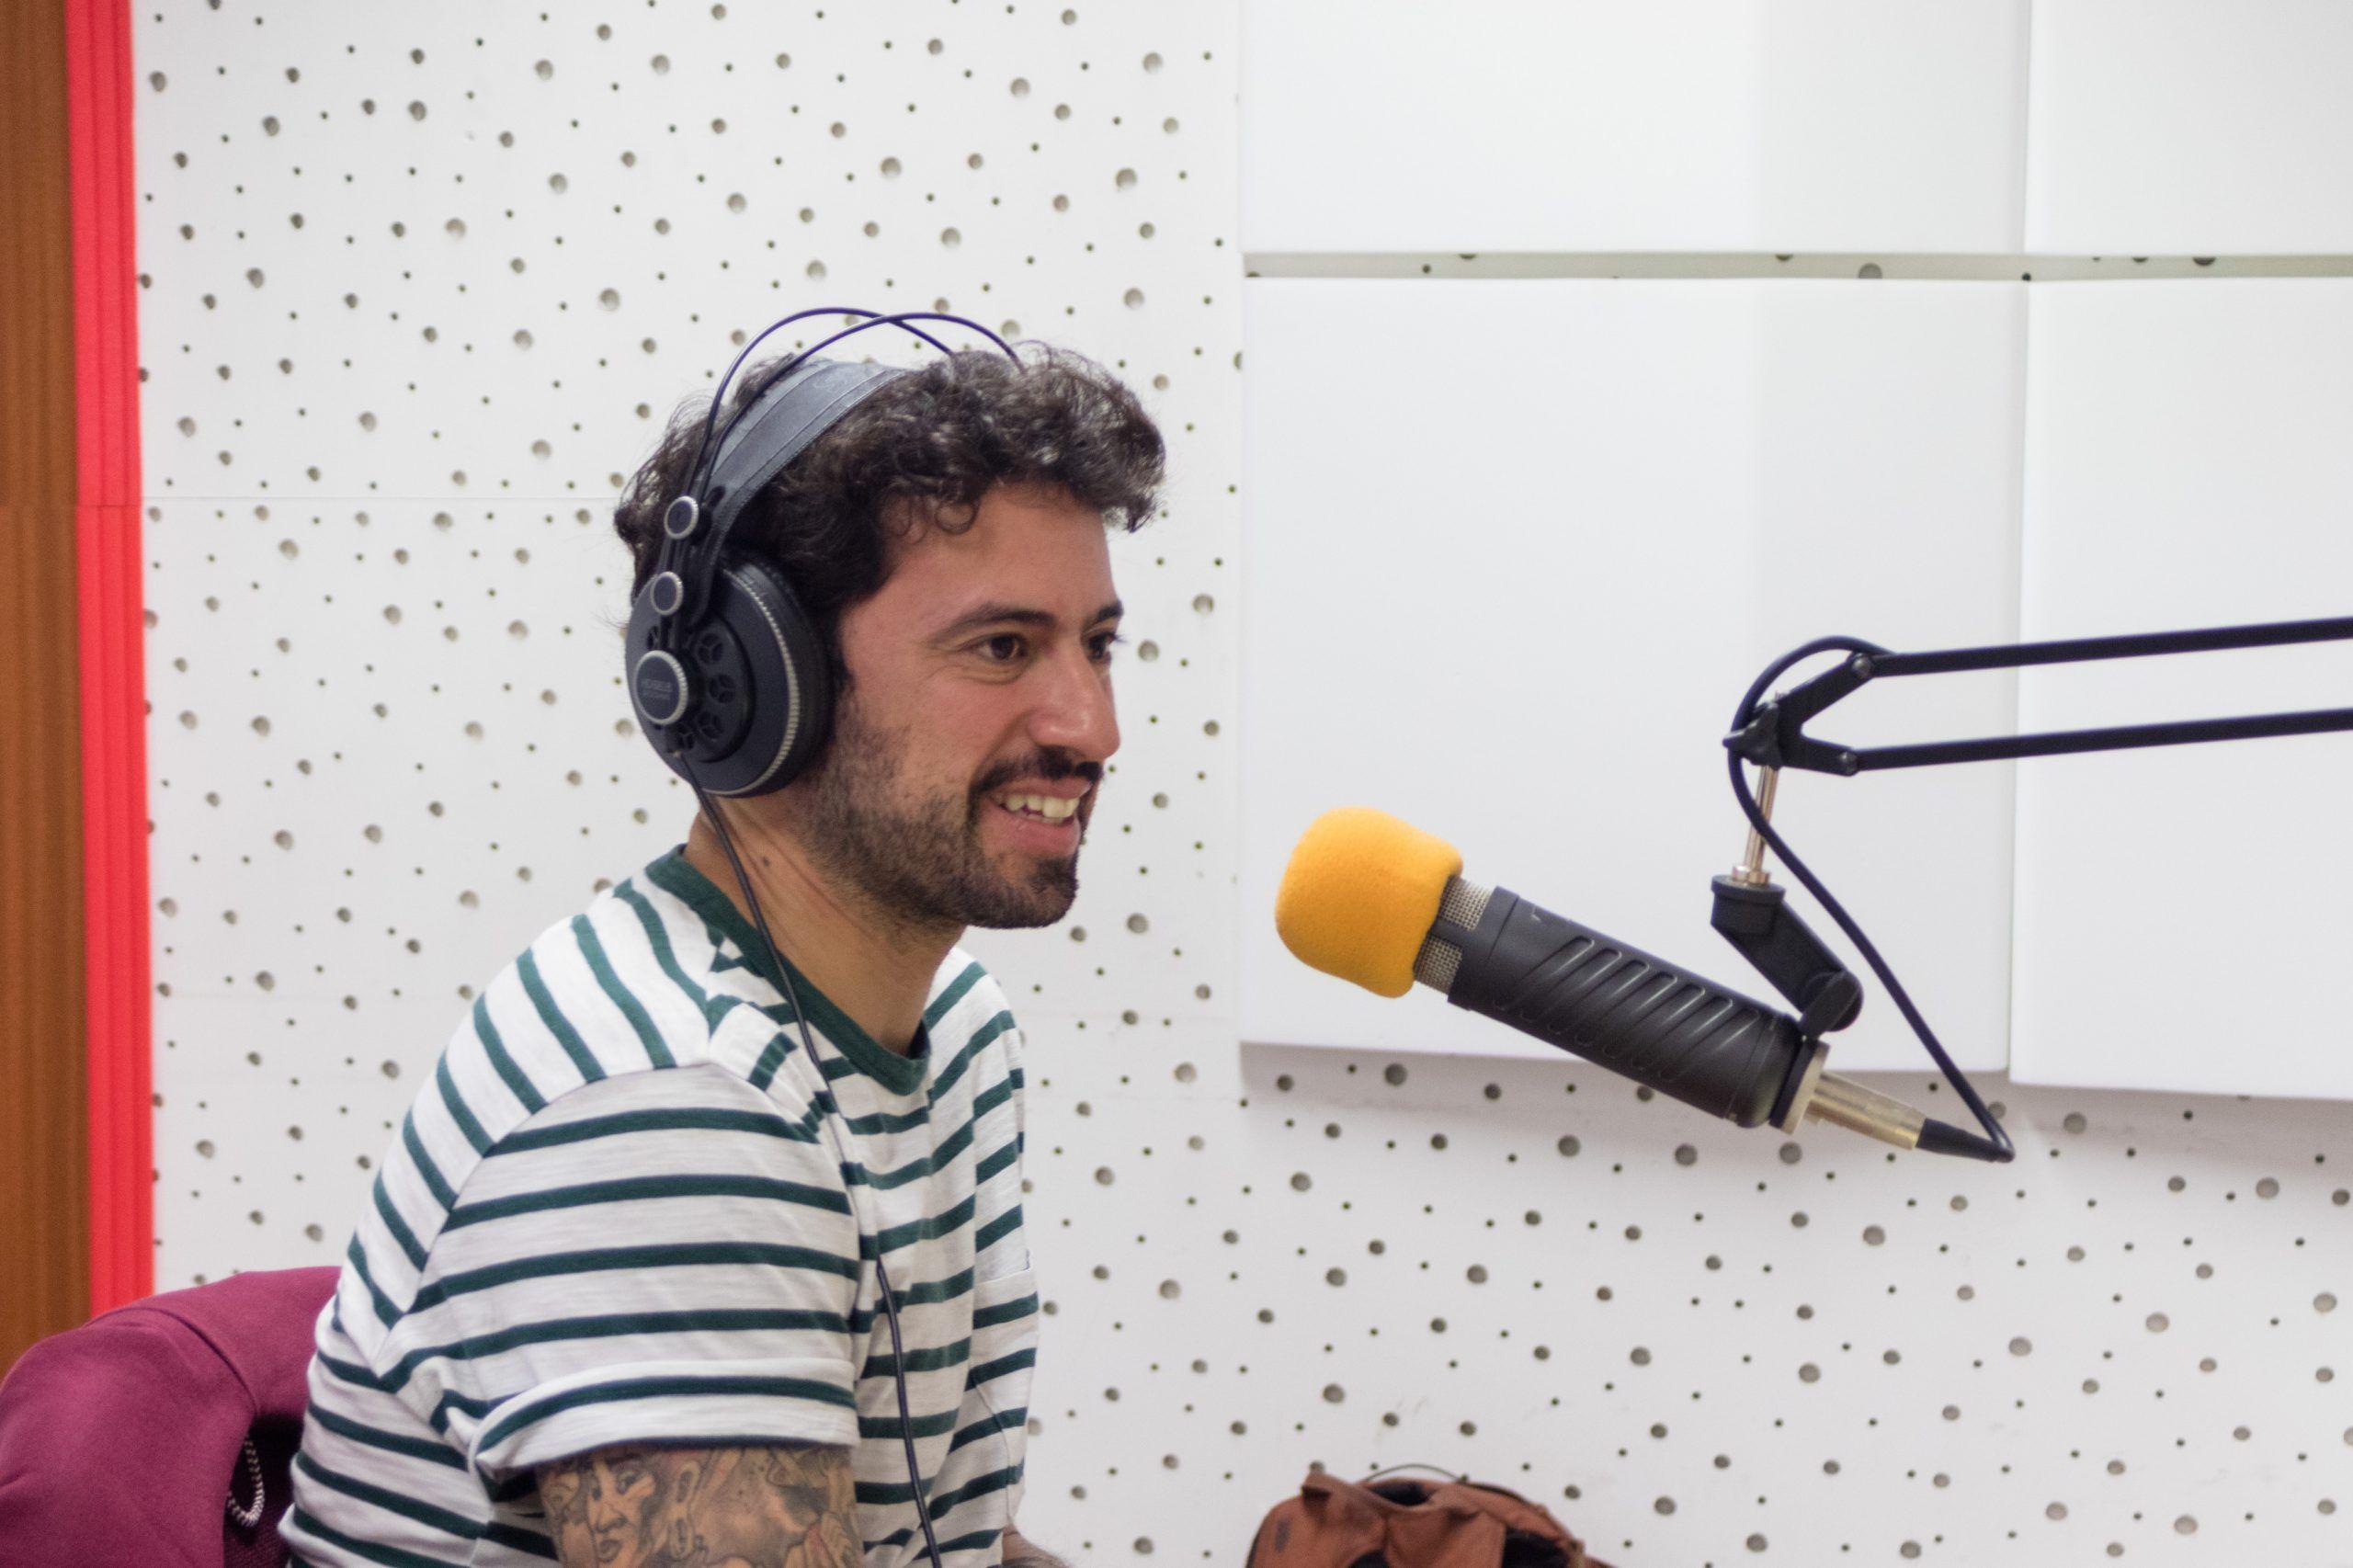 """Diogo Faro: """"Gostava de refletir sobre a sociedade e o mundo e tentar passar isso com alguma graça para um livro"""""""